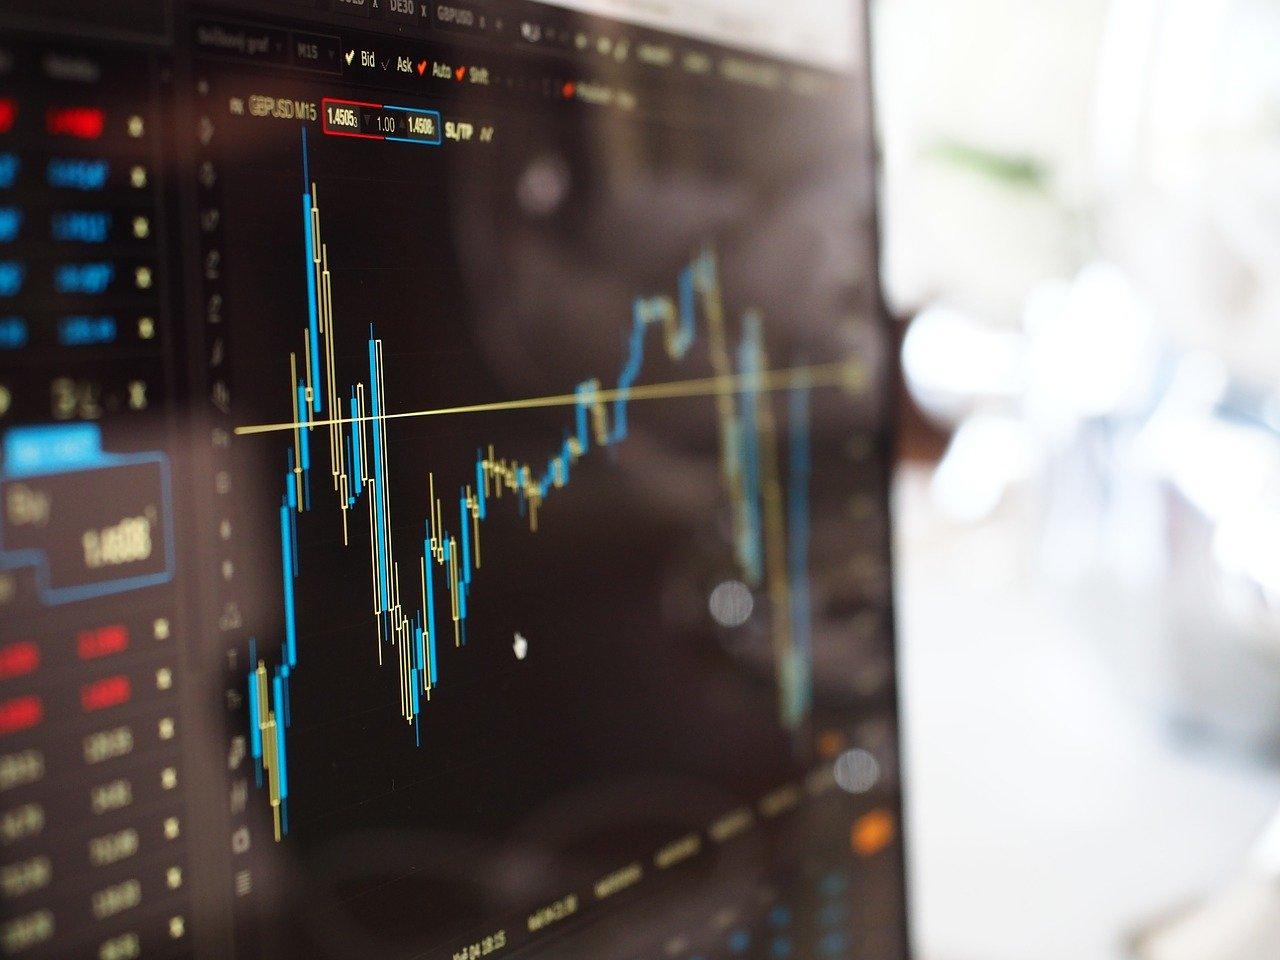 Blur Chart Computer Data Finance  - Pexels / Pixabay